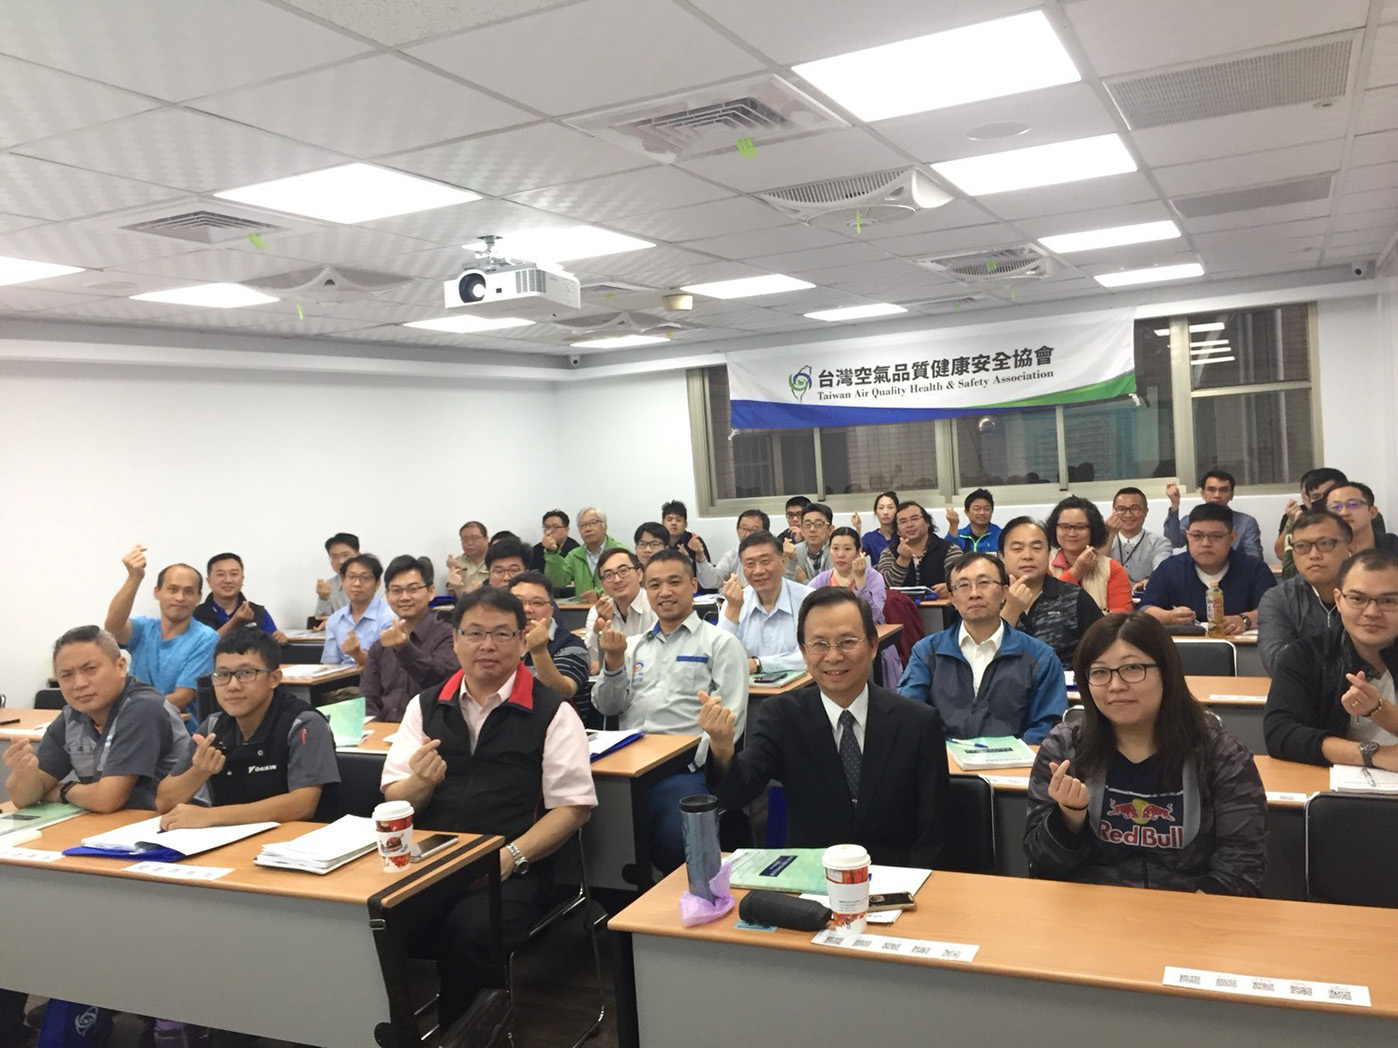 【活動照片】室內空品治理人員培訓 學員滿載而歸-空氣清淨機認證